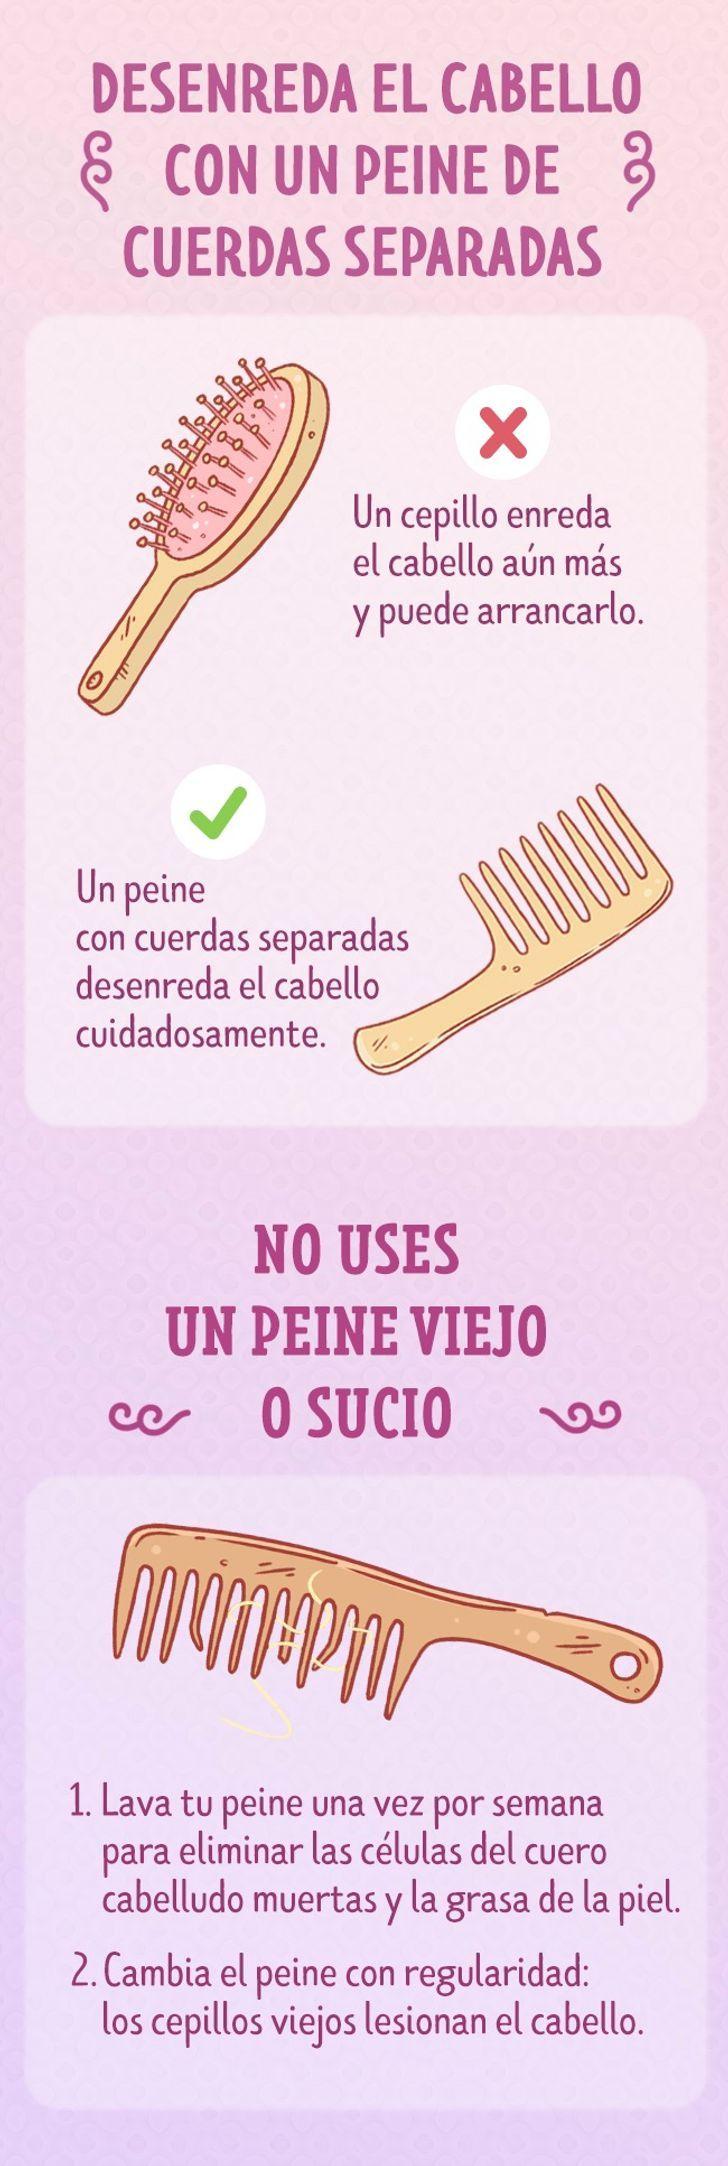 Cómo Cepillar El Cabello Correctamente Cepillado De Cabello Consejos Para El Cabello Como Lavar El Cabello